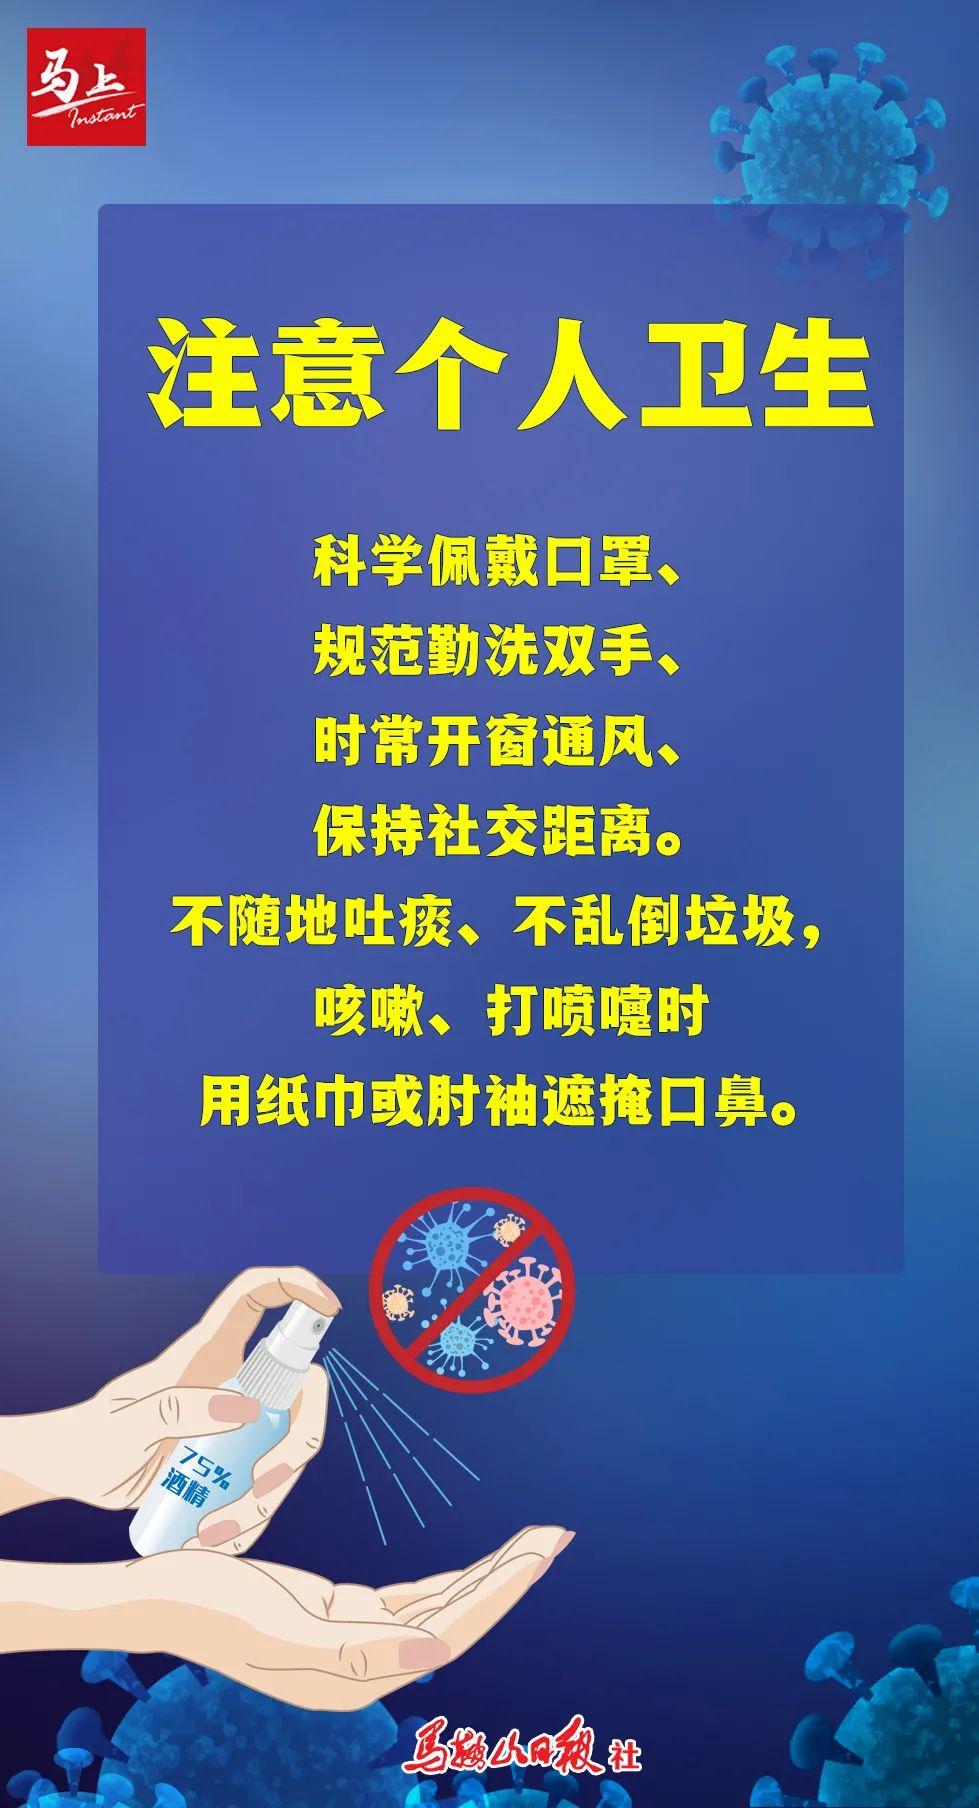 市民新冠肺炎常态化防控要求